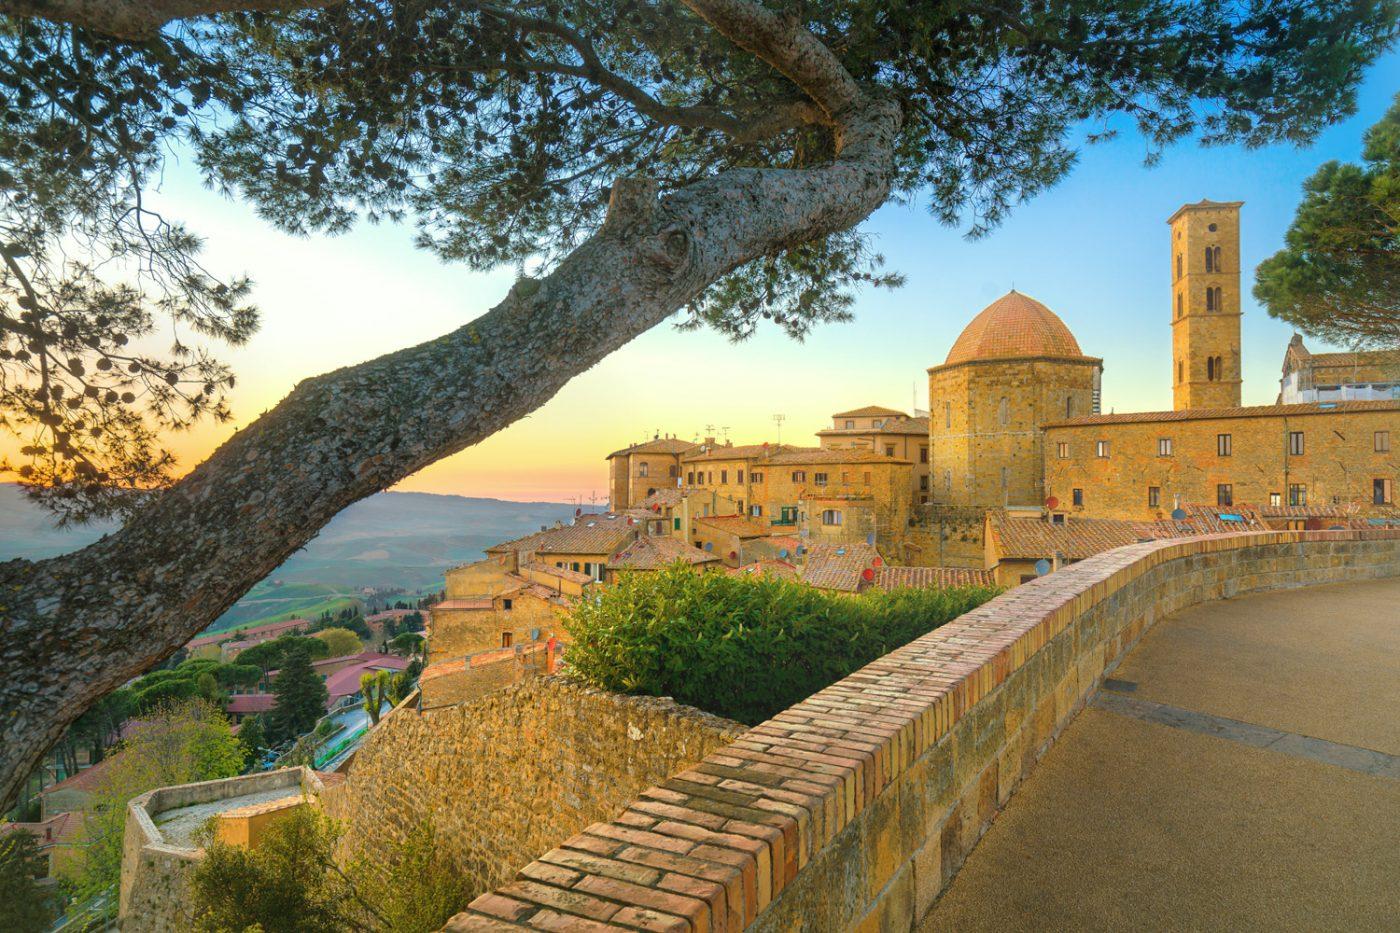 Blick über die Gebäude und Umgebung von Volterra, Italien.